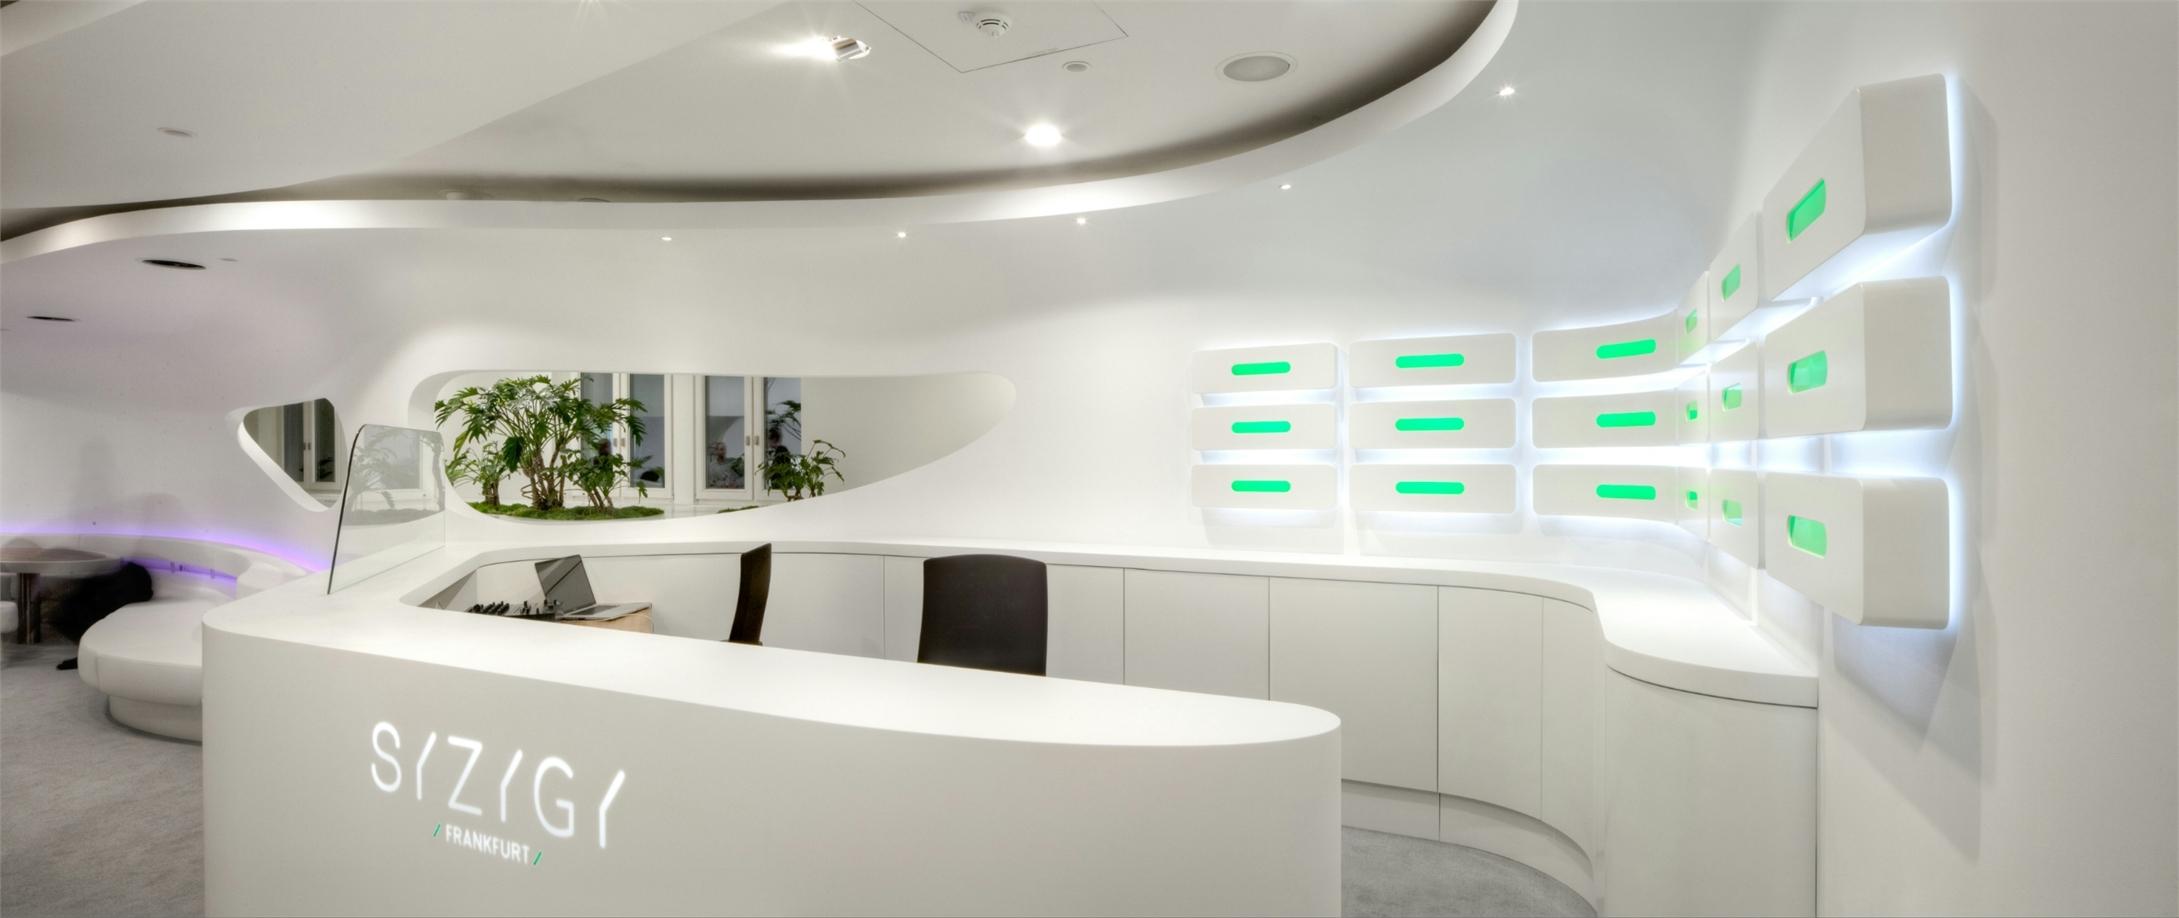 Aménagement point d'accueil cabinet médical